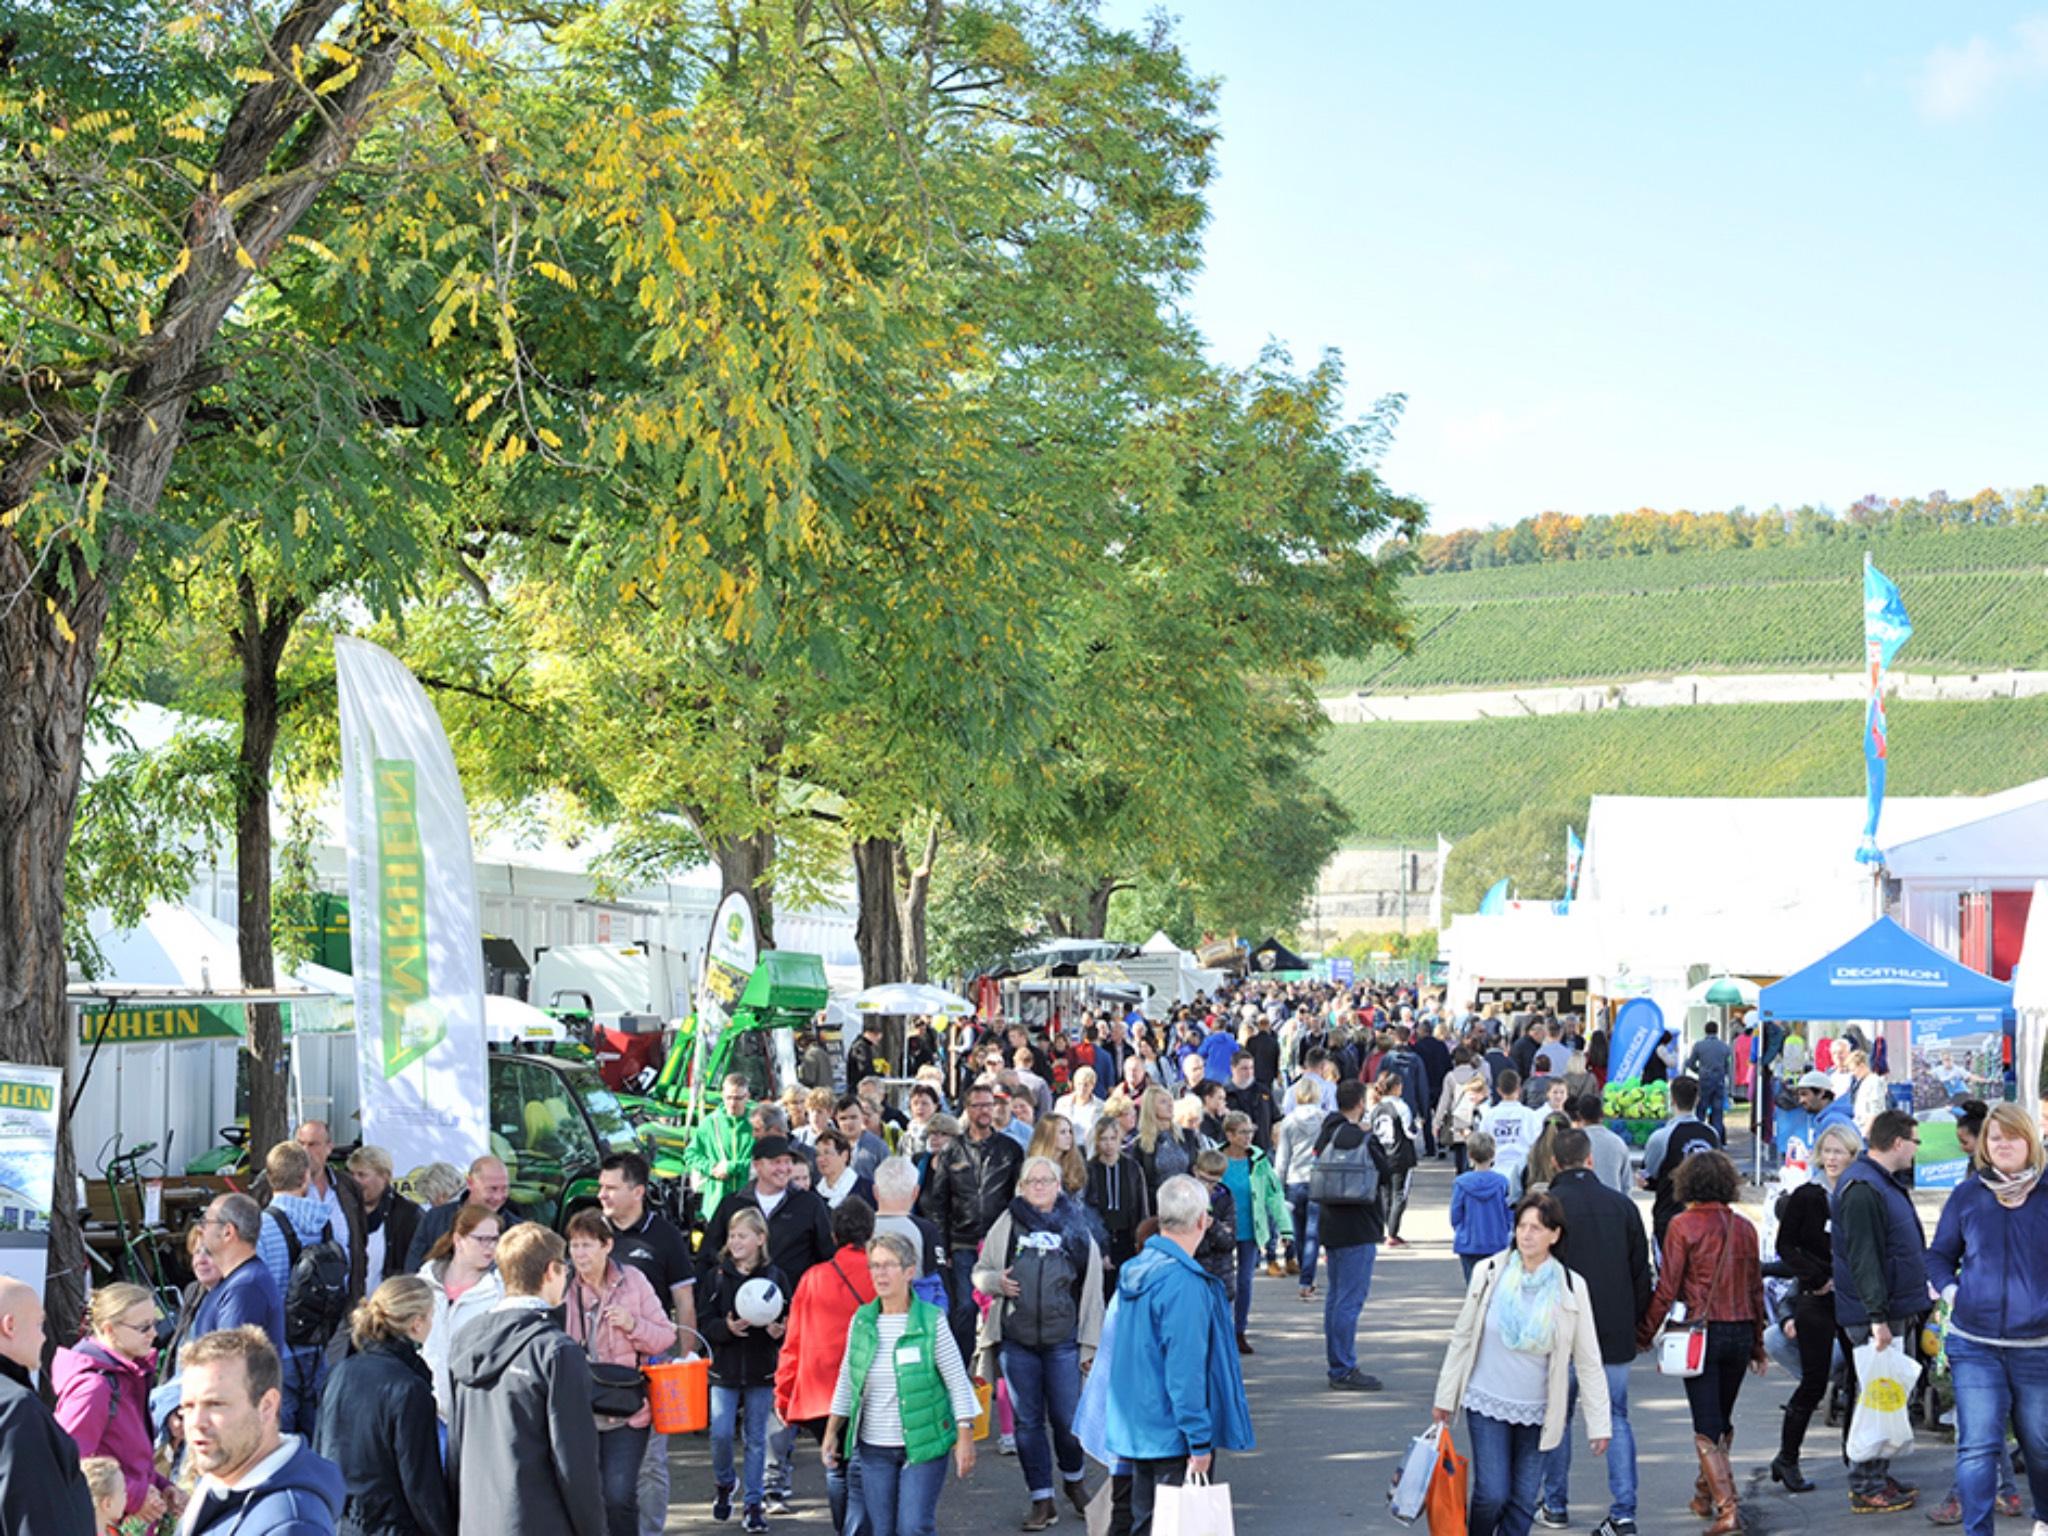 Mainfranken entdecken! Auf der Mainfranken-Messe in Würzburg. Foto: Mainfranken-Messe